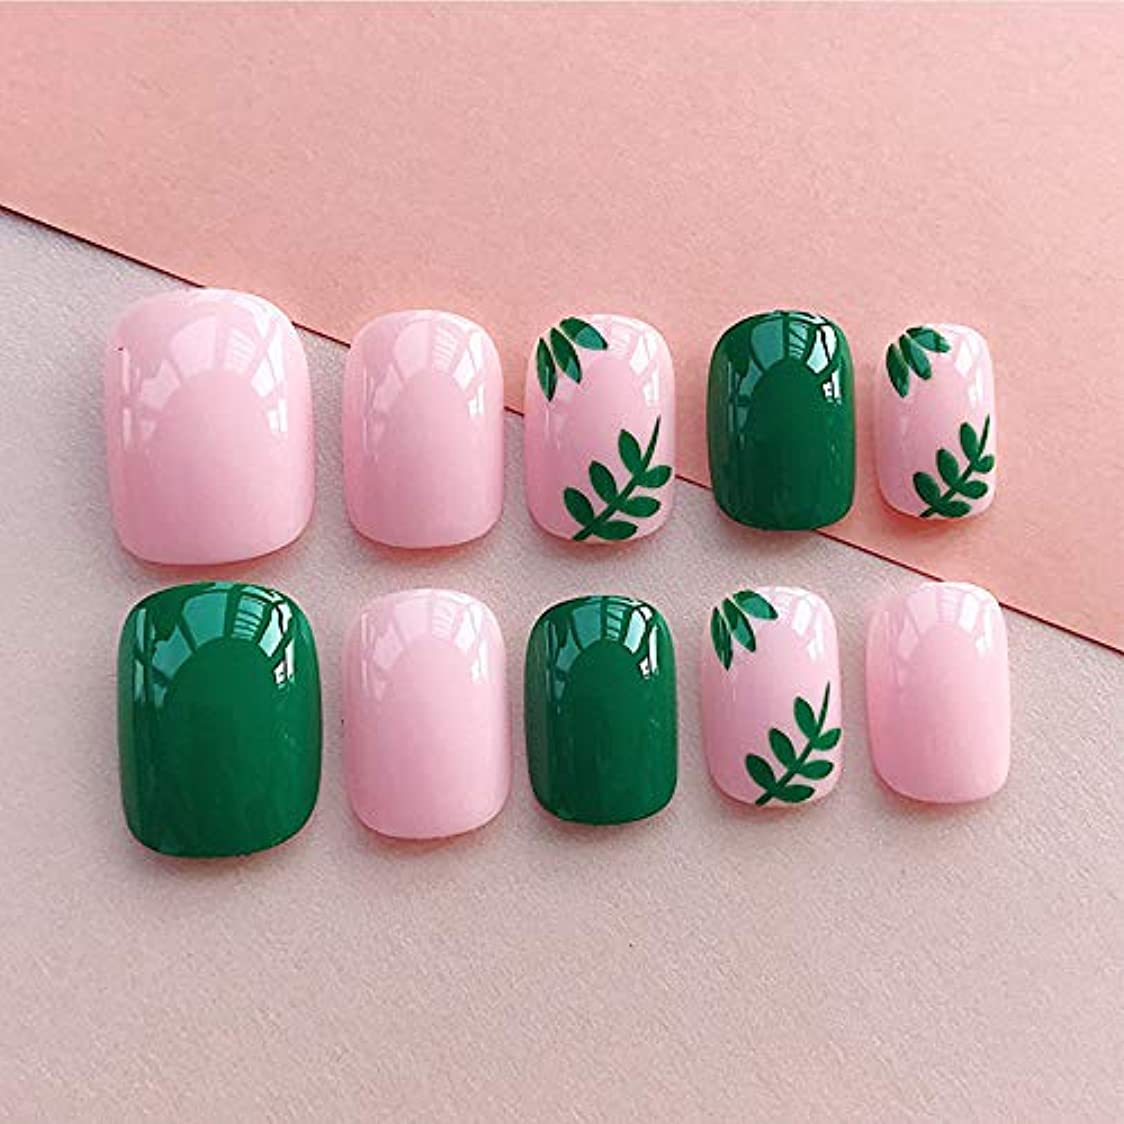 エール背景参加するLIARTY ネイルチップ 夏の ピンク 緑の葉 優雅 短い 四角形 フルカバー 24枚 12別サイズ つ